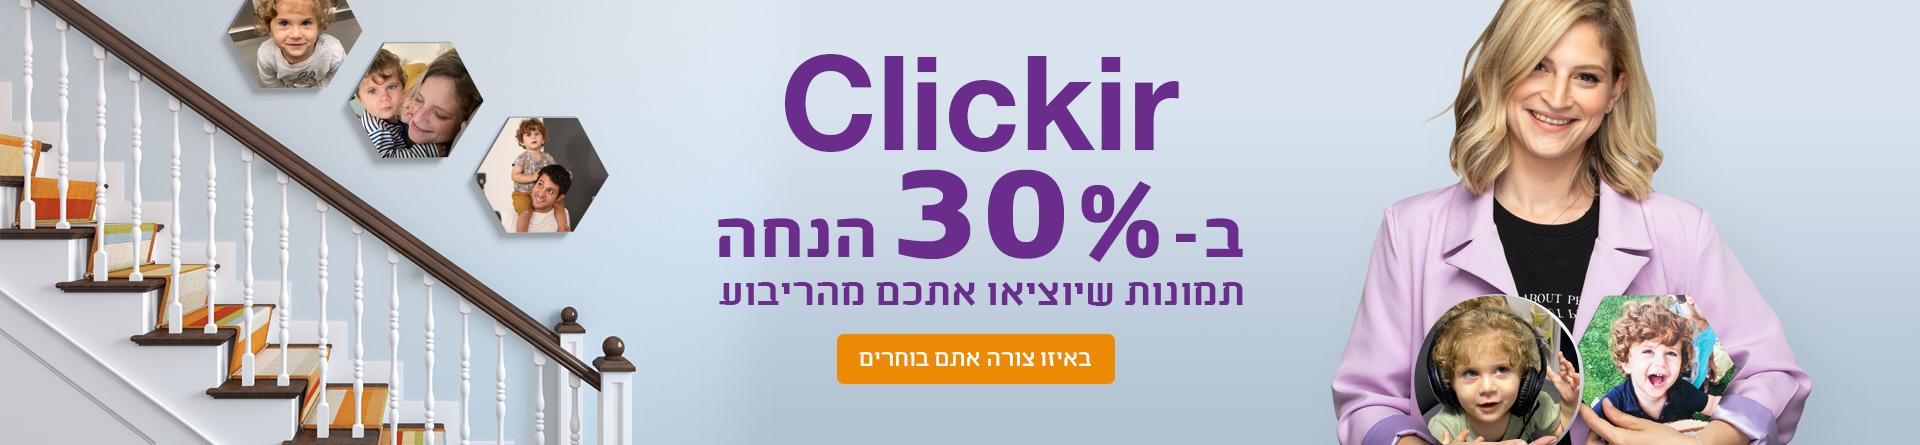 clickir 30%  -1.6